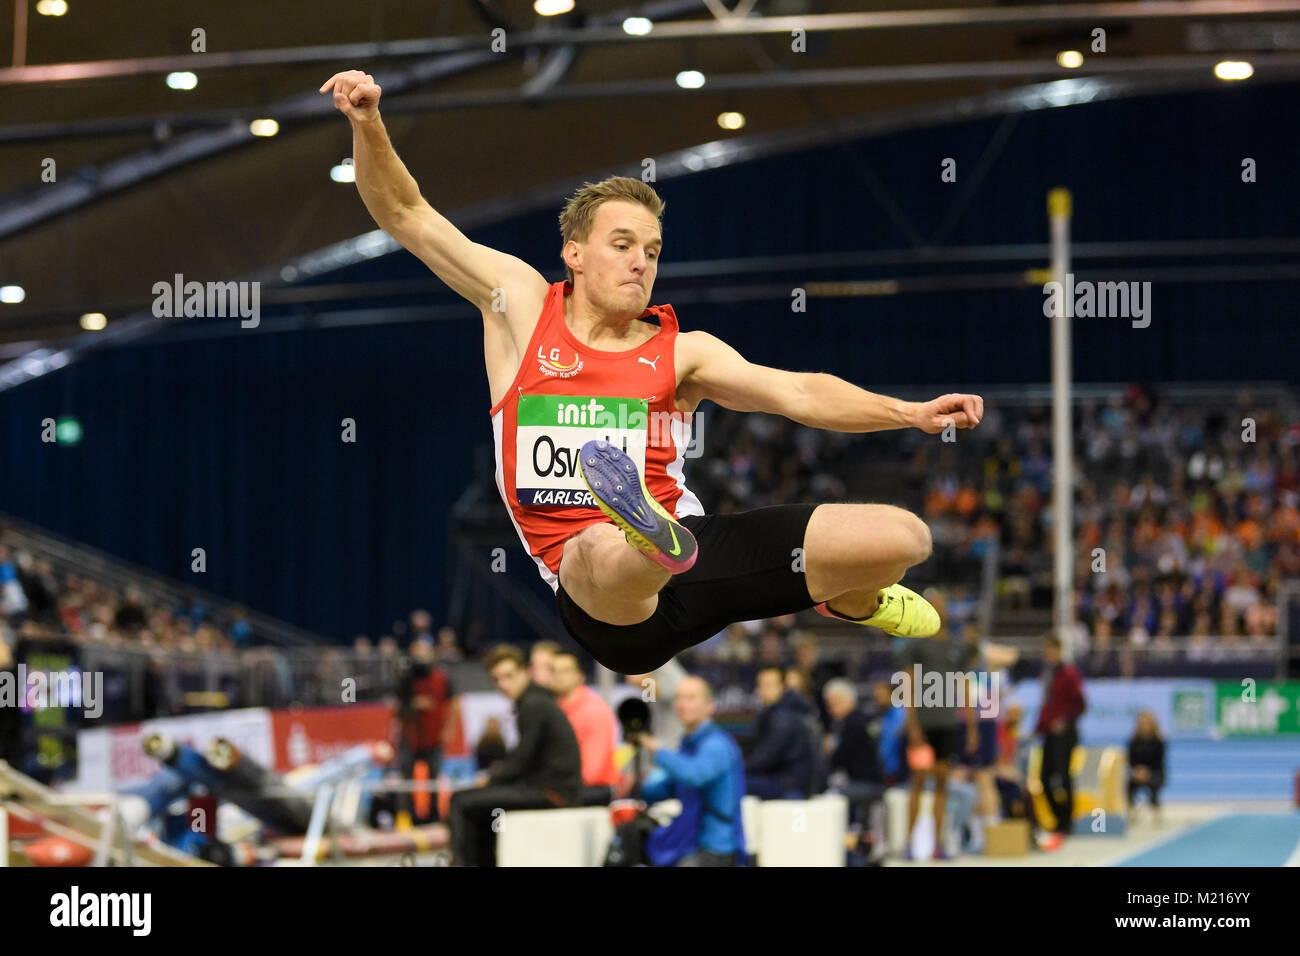 Karlsruhe, Deutschland. 03rd Feb, 2018. Weitsprung Maenner: Florian Oswald (GER). GES/ Leichtathletik/ Indoor Meeting - Stock Image